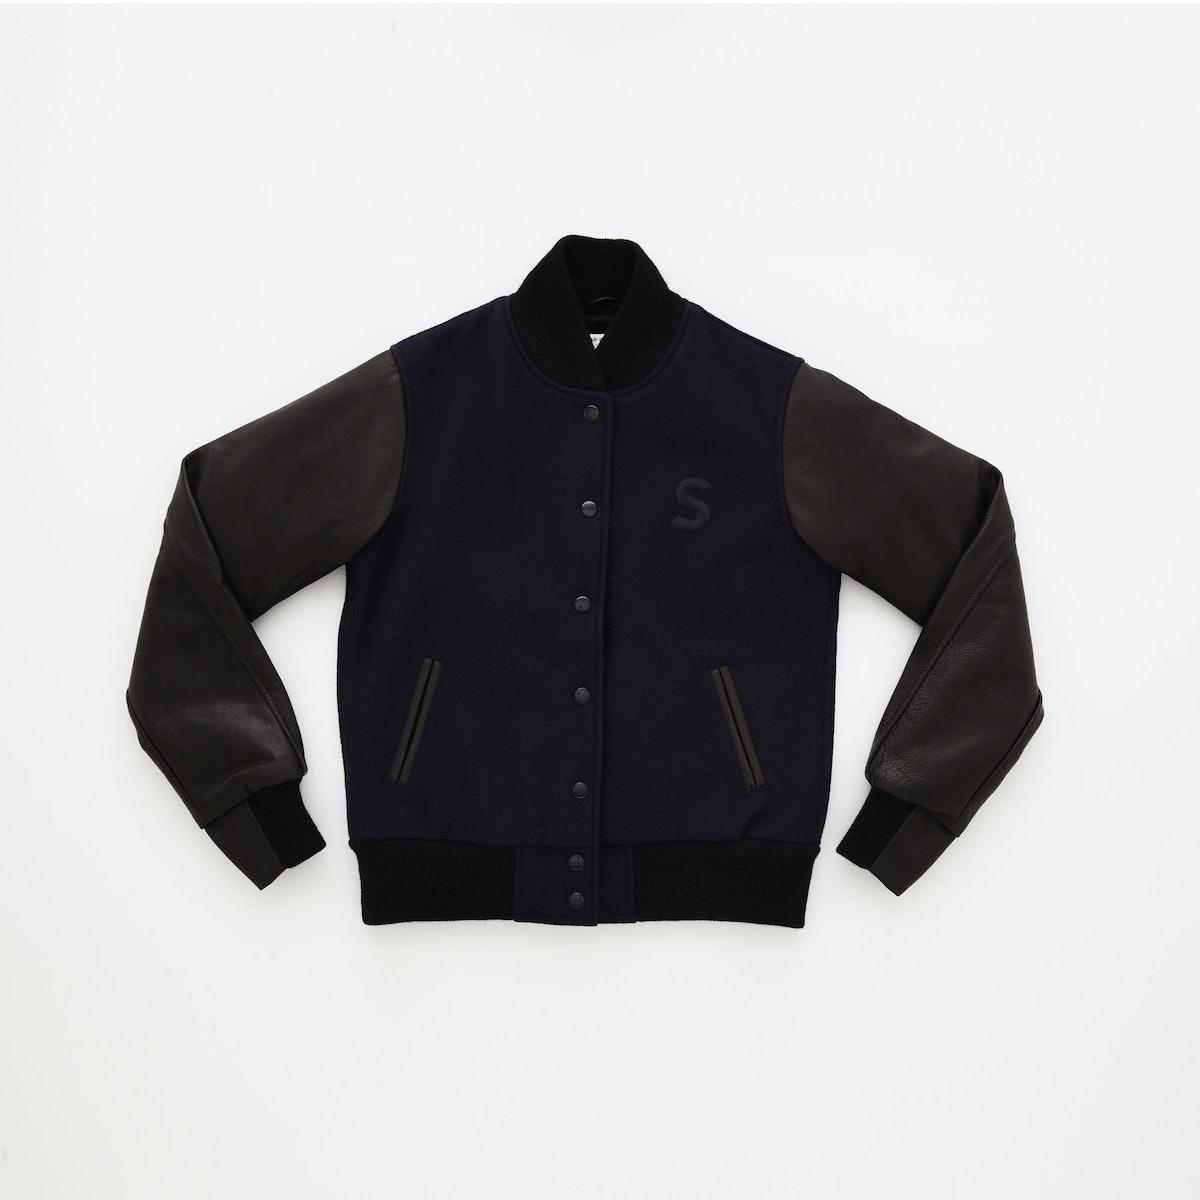 Shinola Varsity Jacket, $370, available in Shinola's Detroit and Tribeca stores.